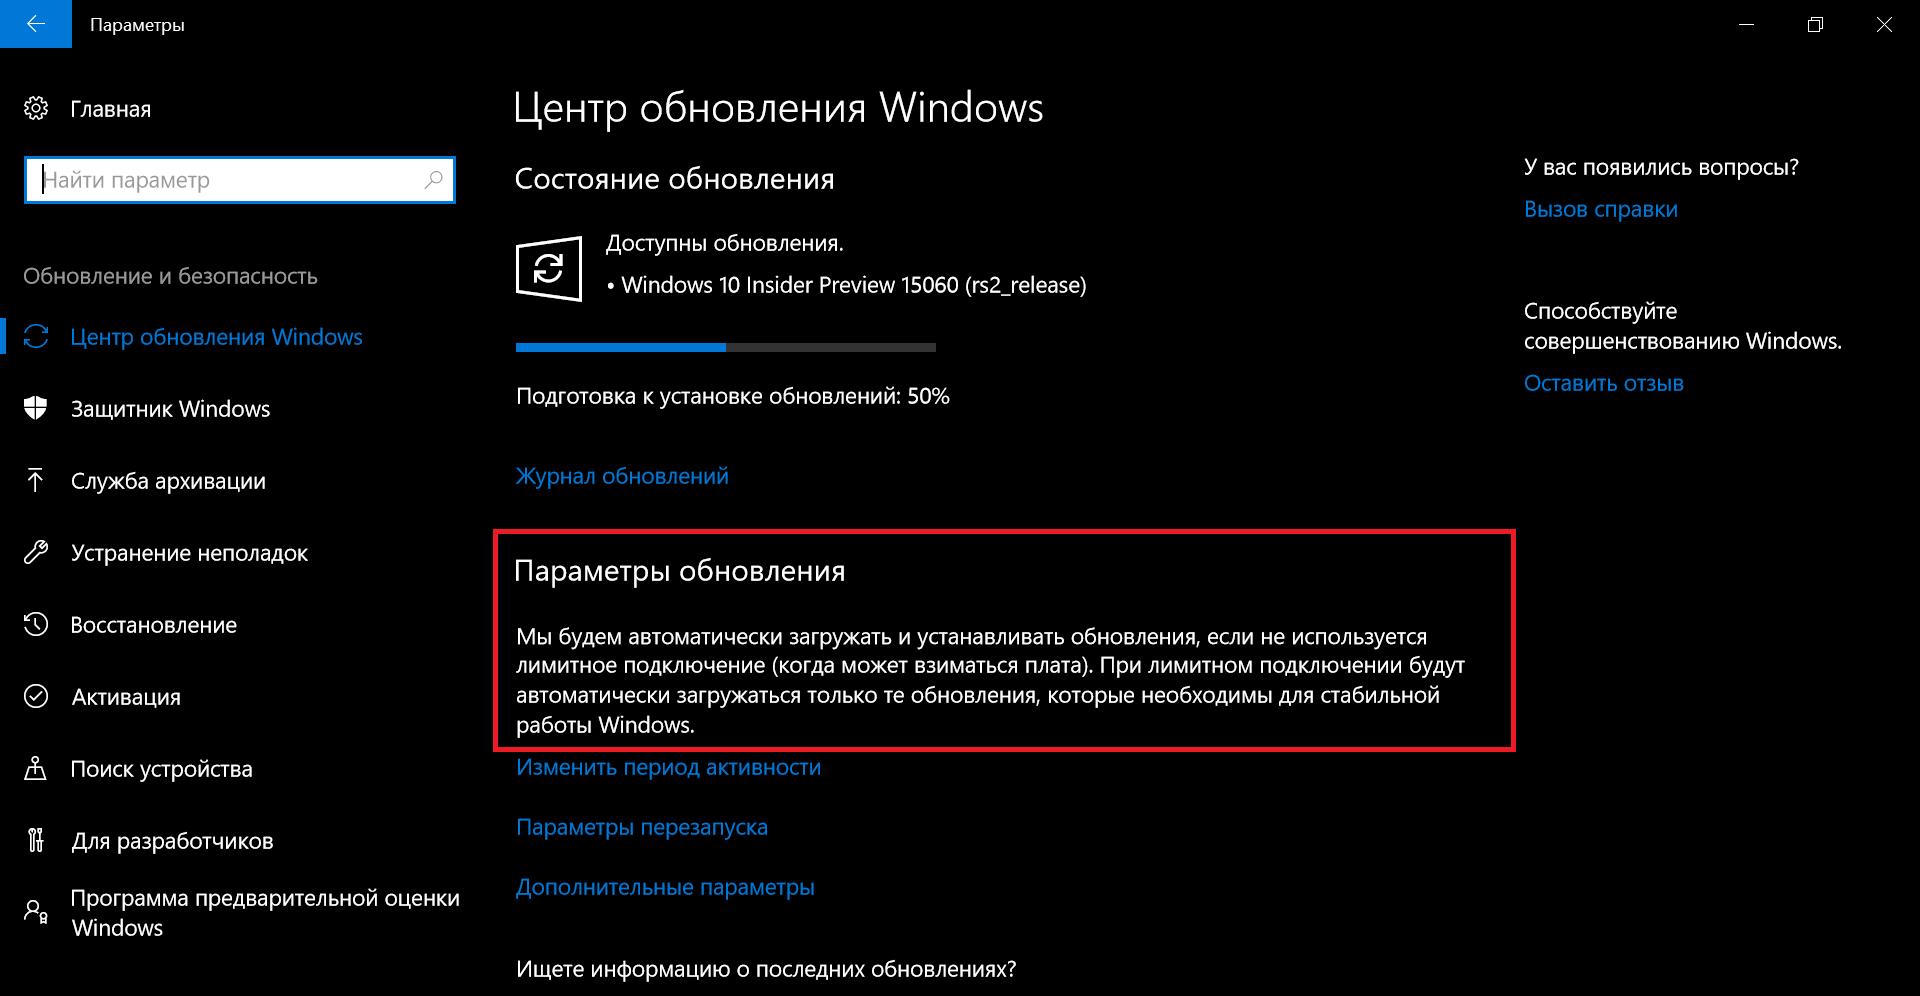 Windows 10 обновится даже при лимитированном интернете